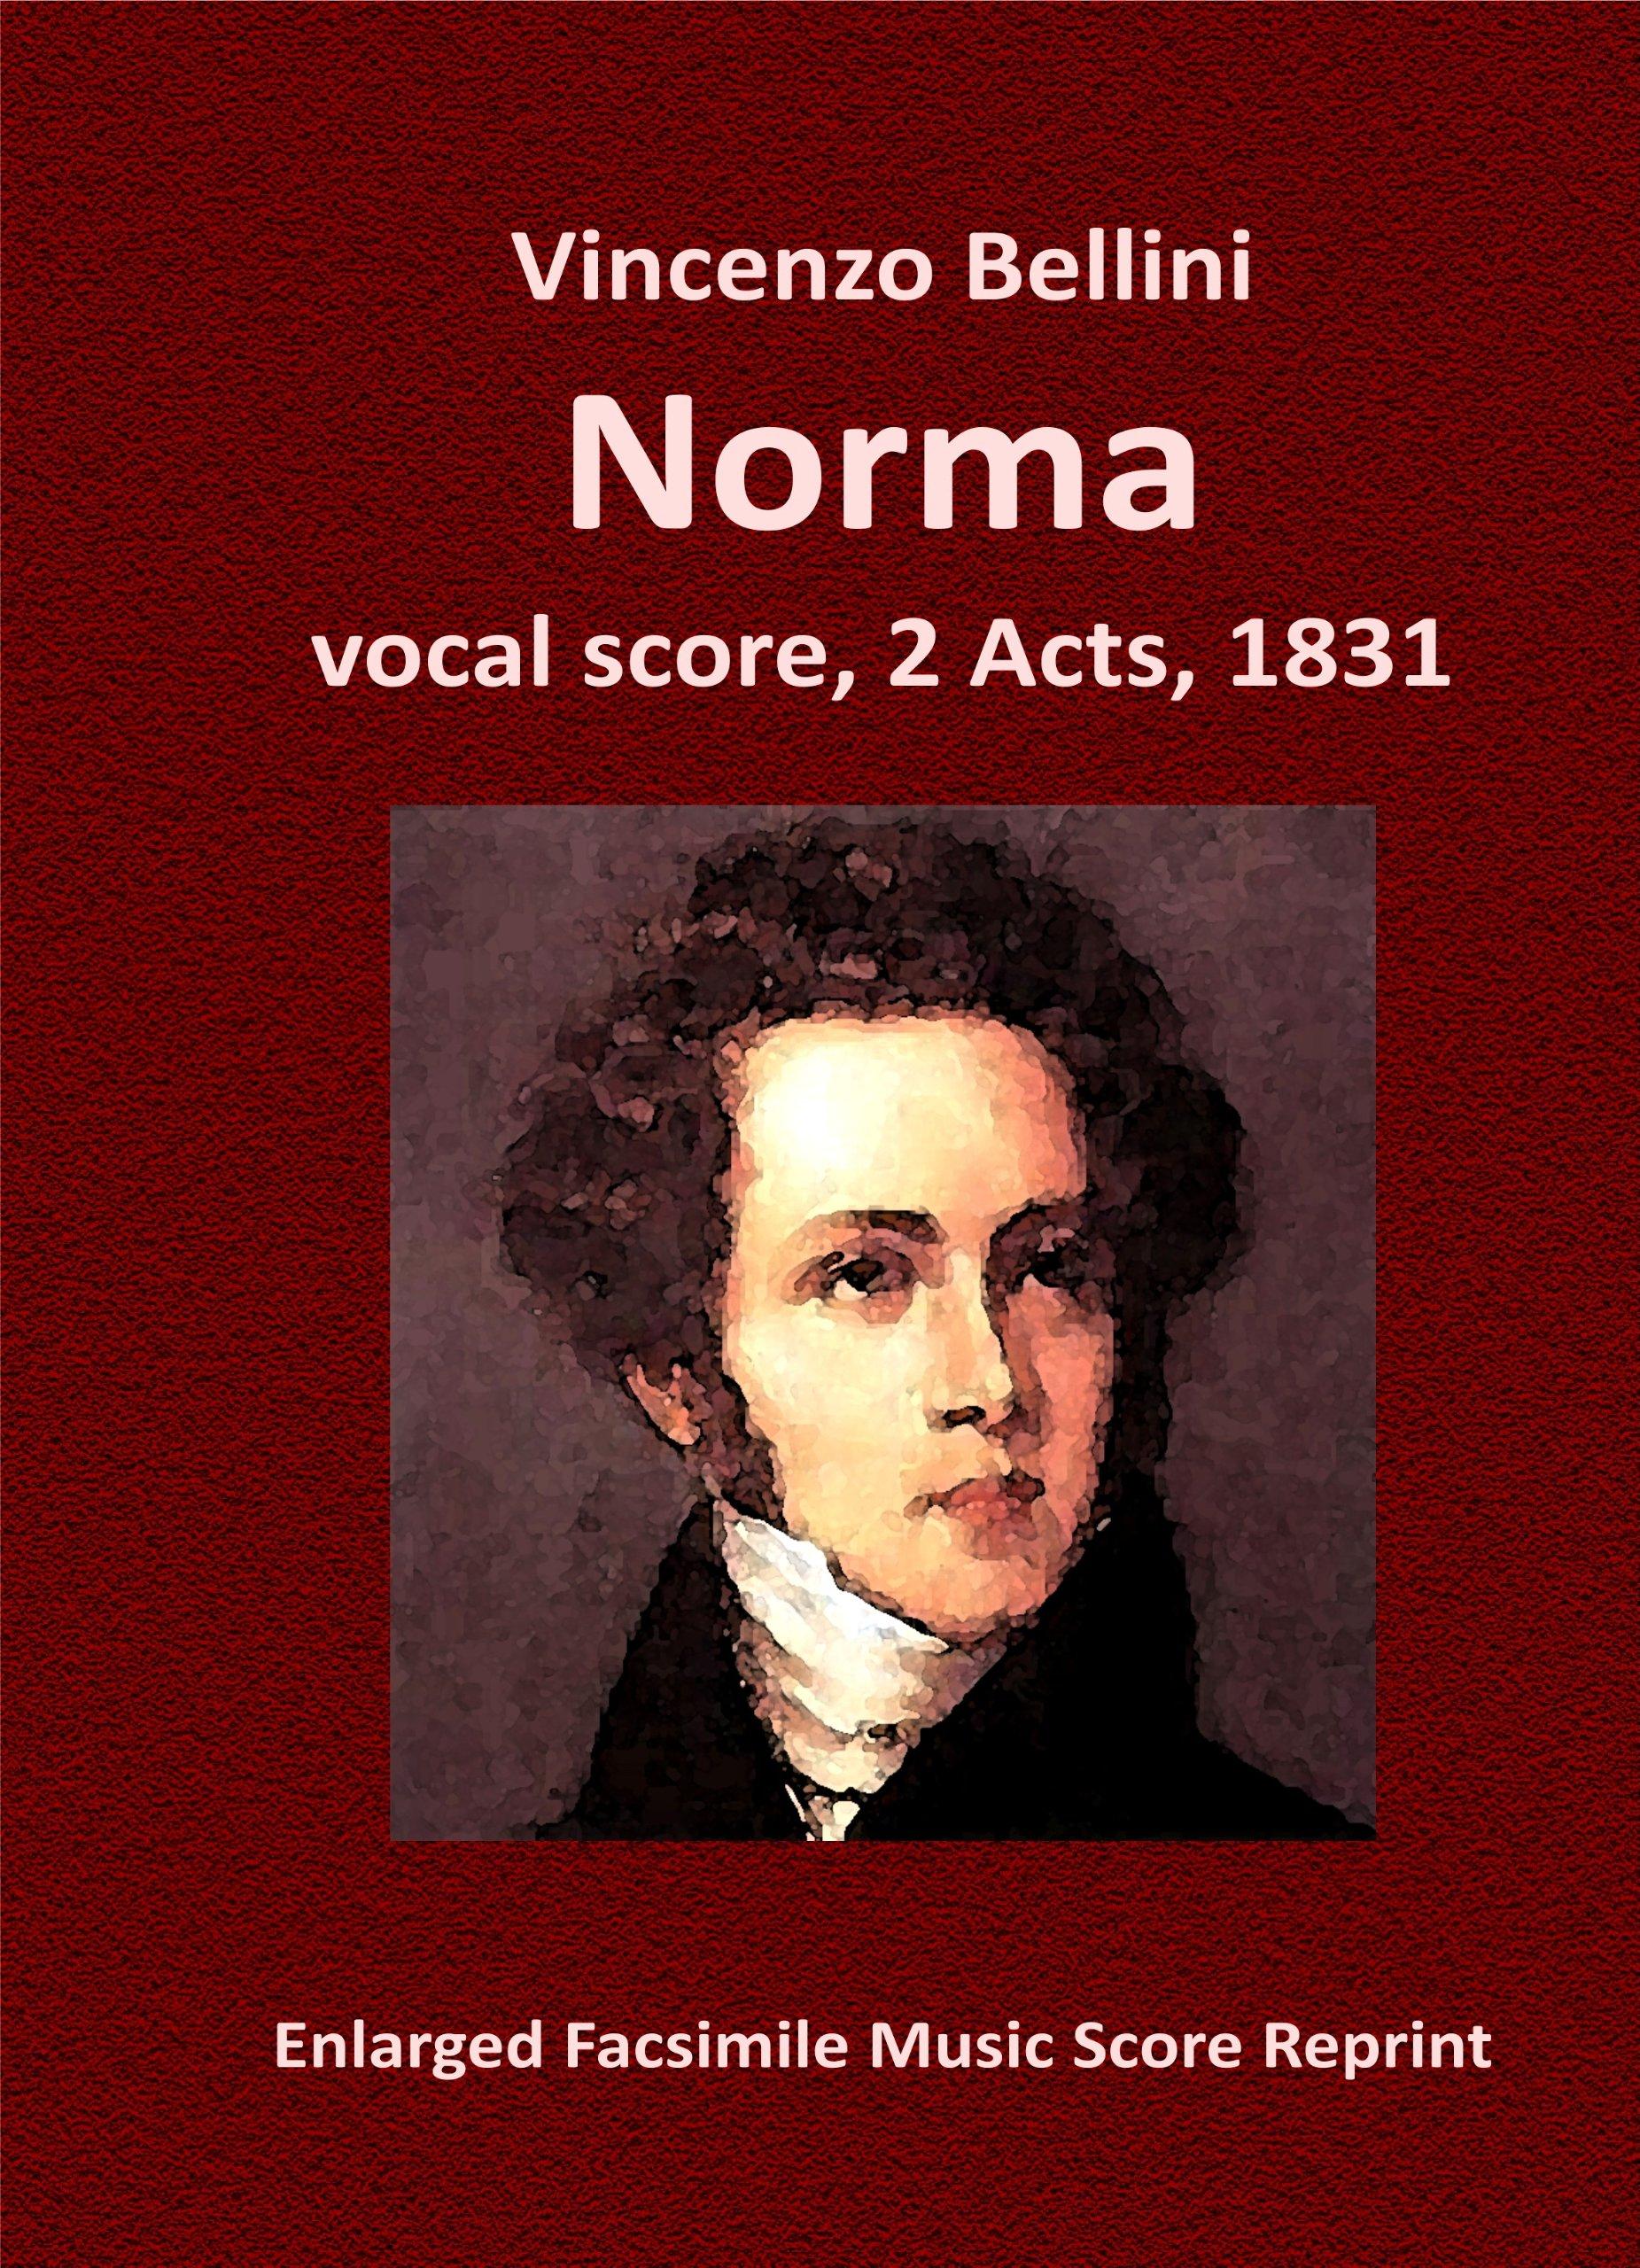 Norma (vocal score, 2 Acts, 1831) Facsimile Music Score Reprint: Vincenzo  Bellini: Amazon.com: Books